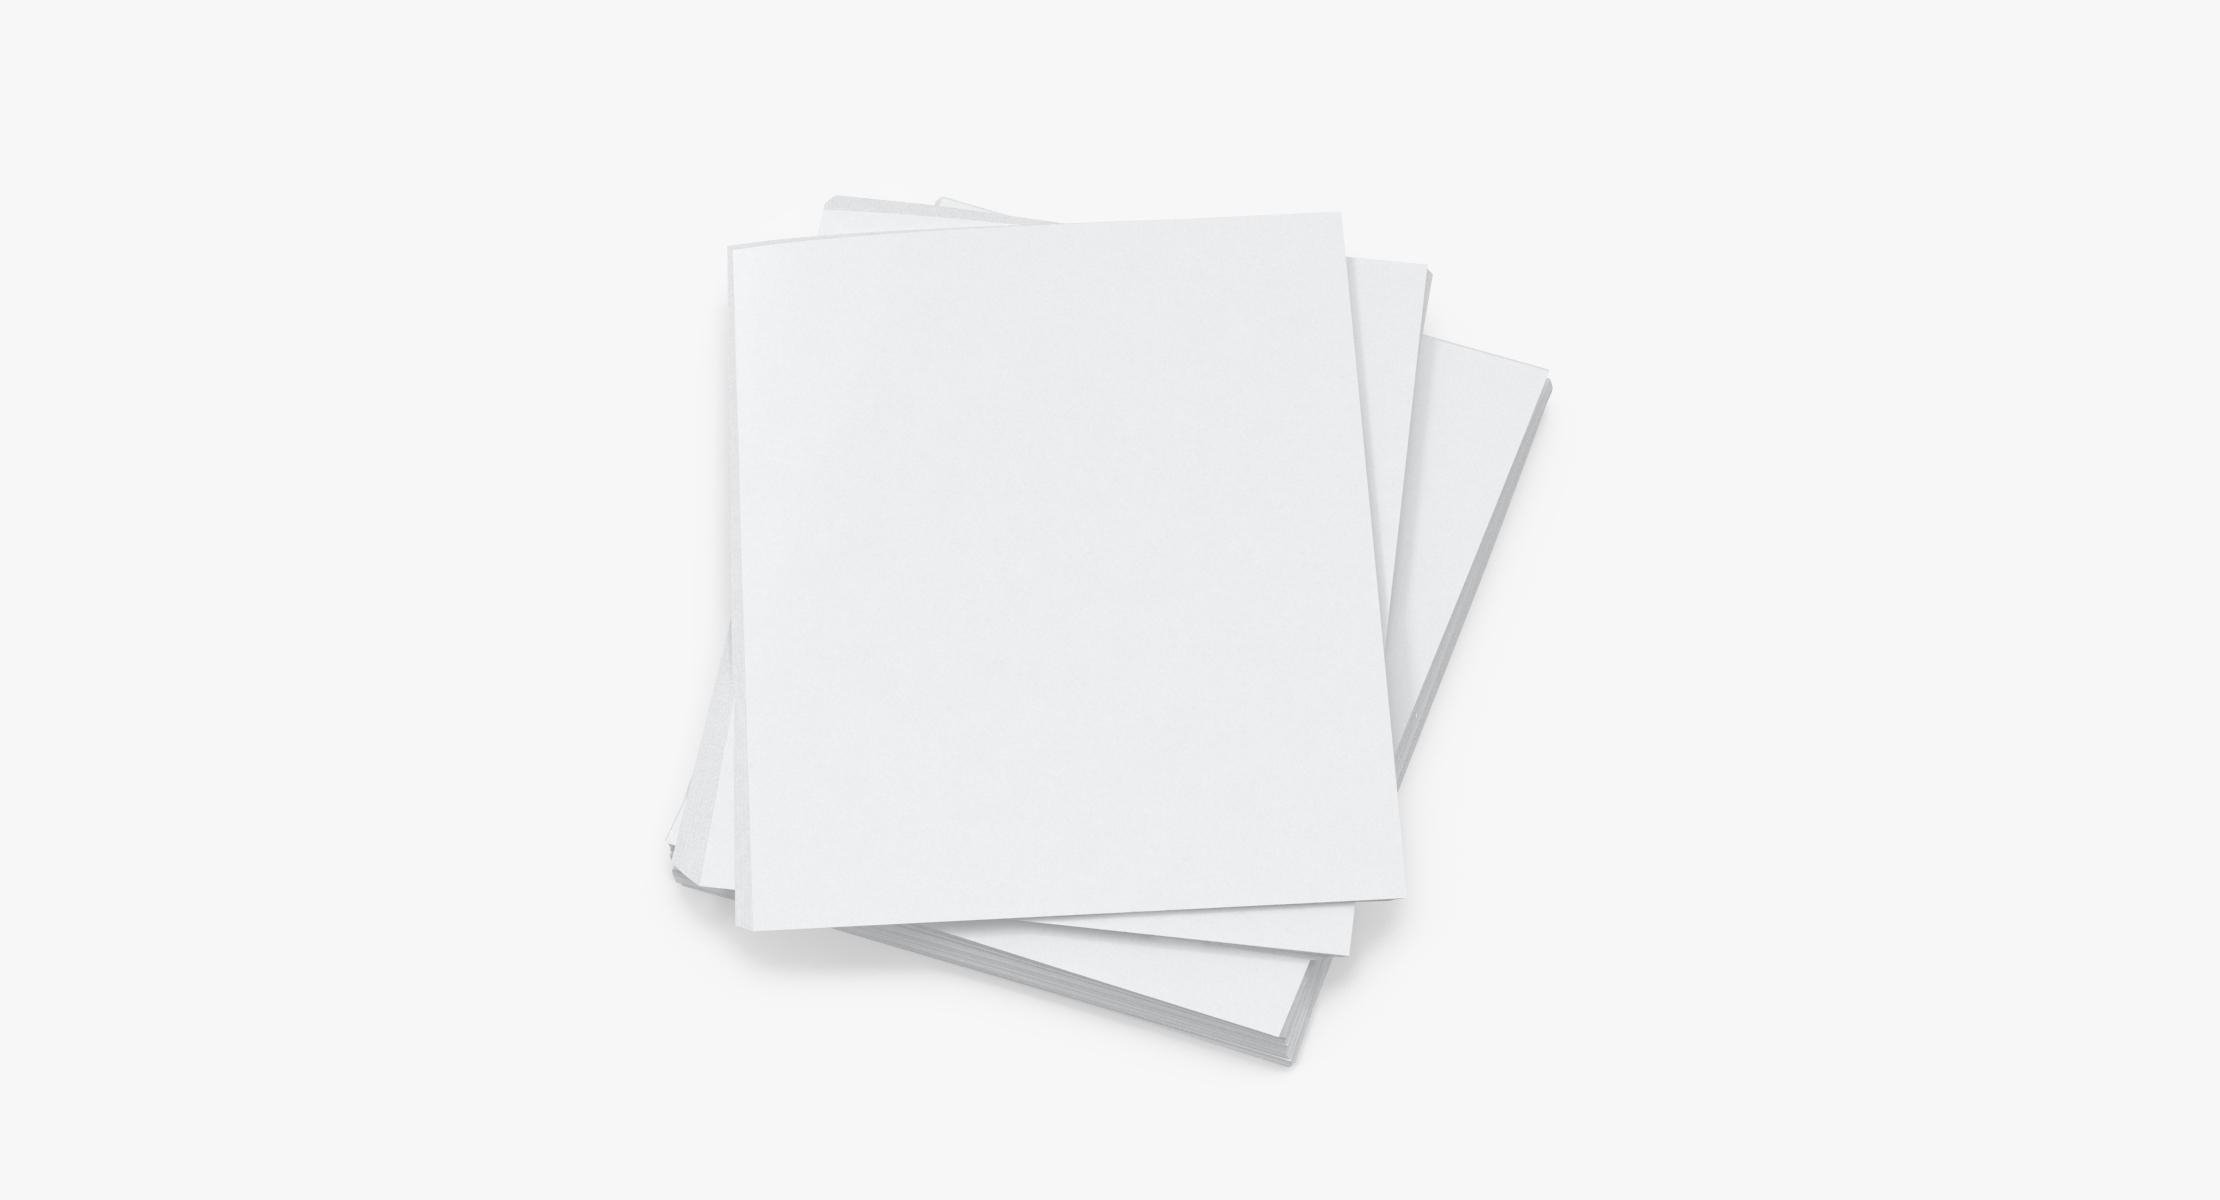 Single Paper Sheet 05 - reel 1